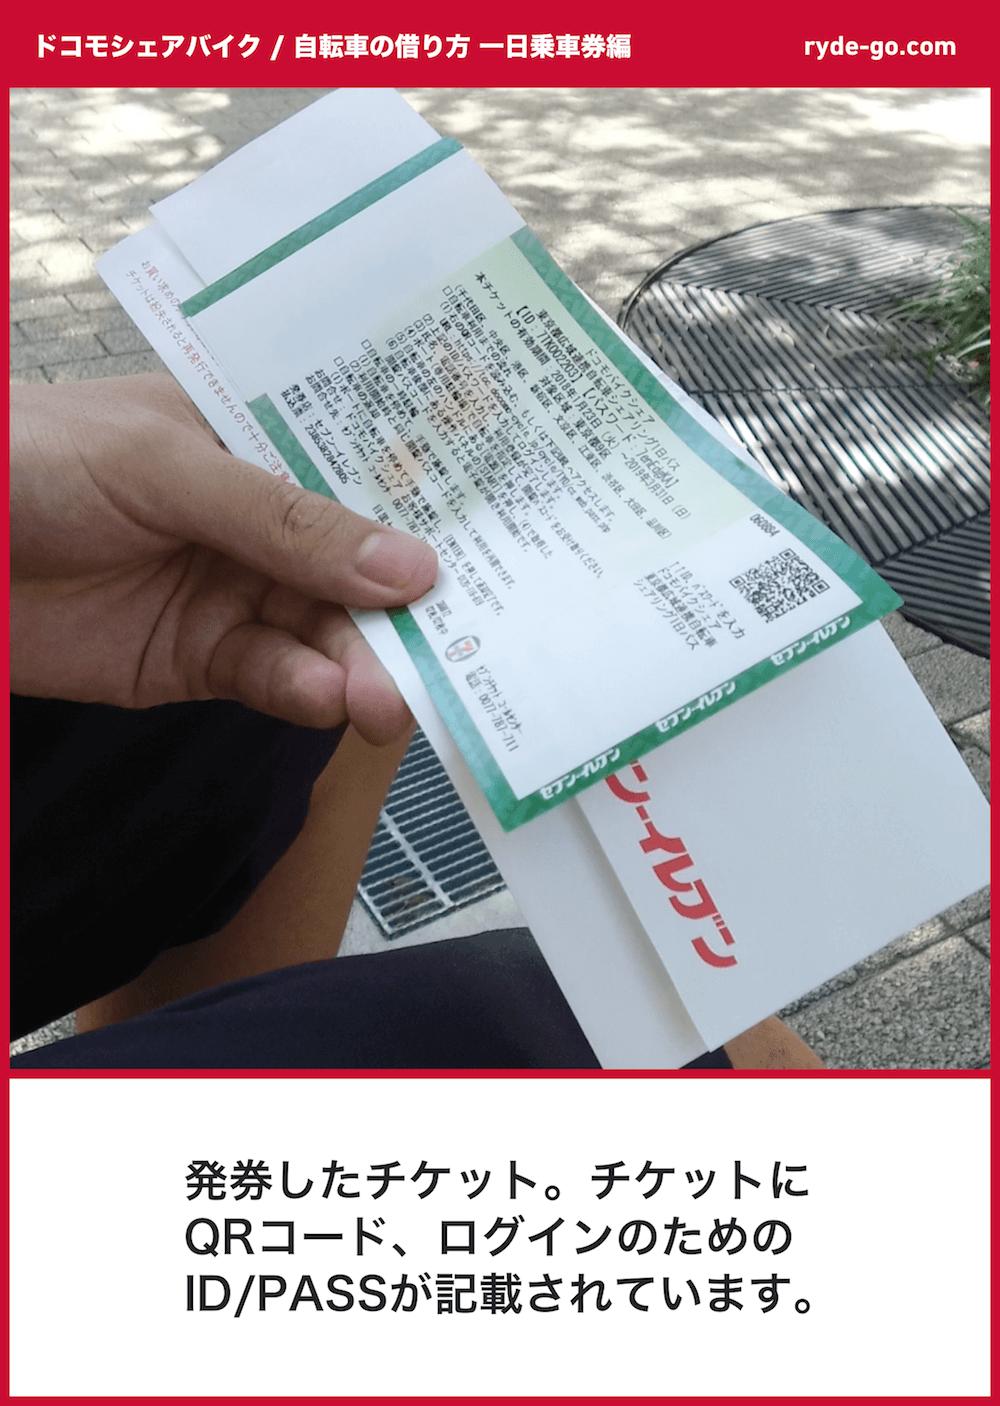 ドコモシェアサイクル チケット内容を確認